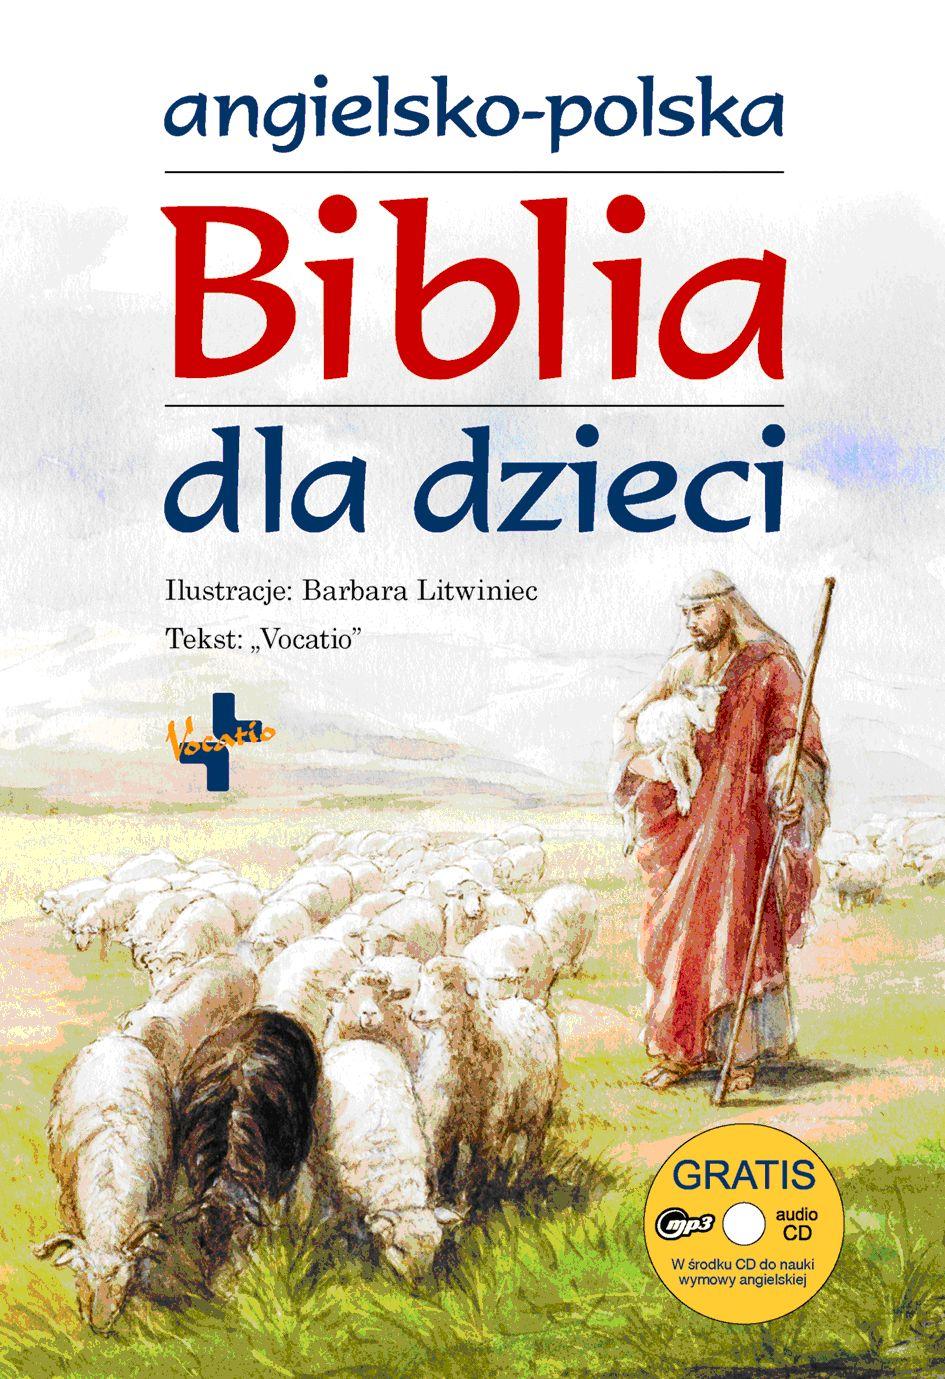 Biblia dla dzieci - Angielsko-polska